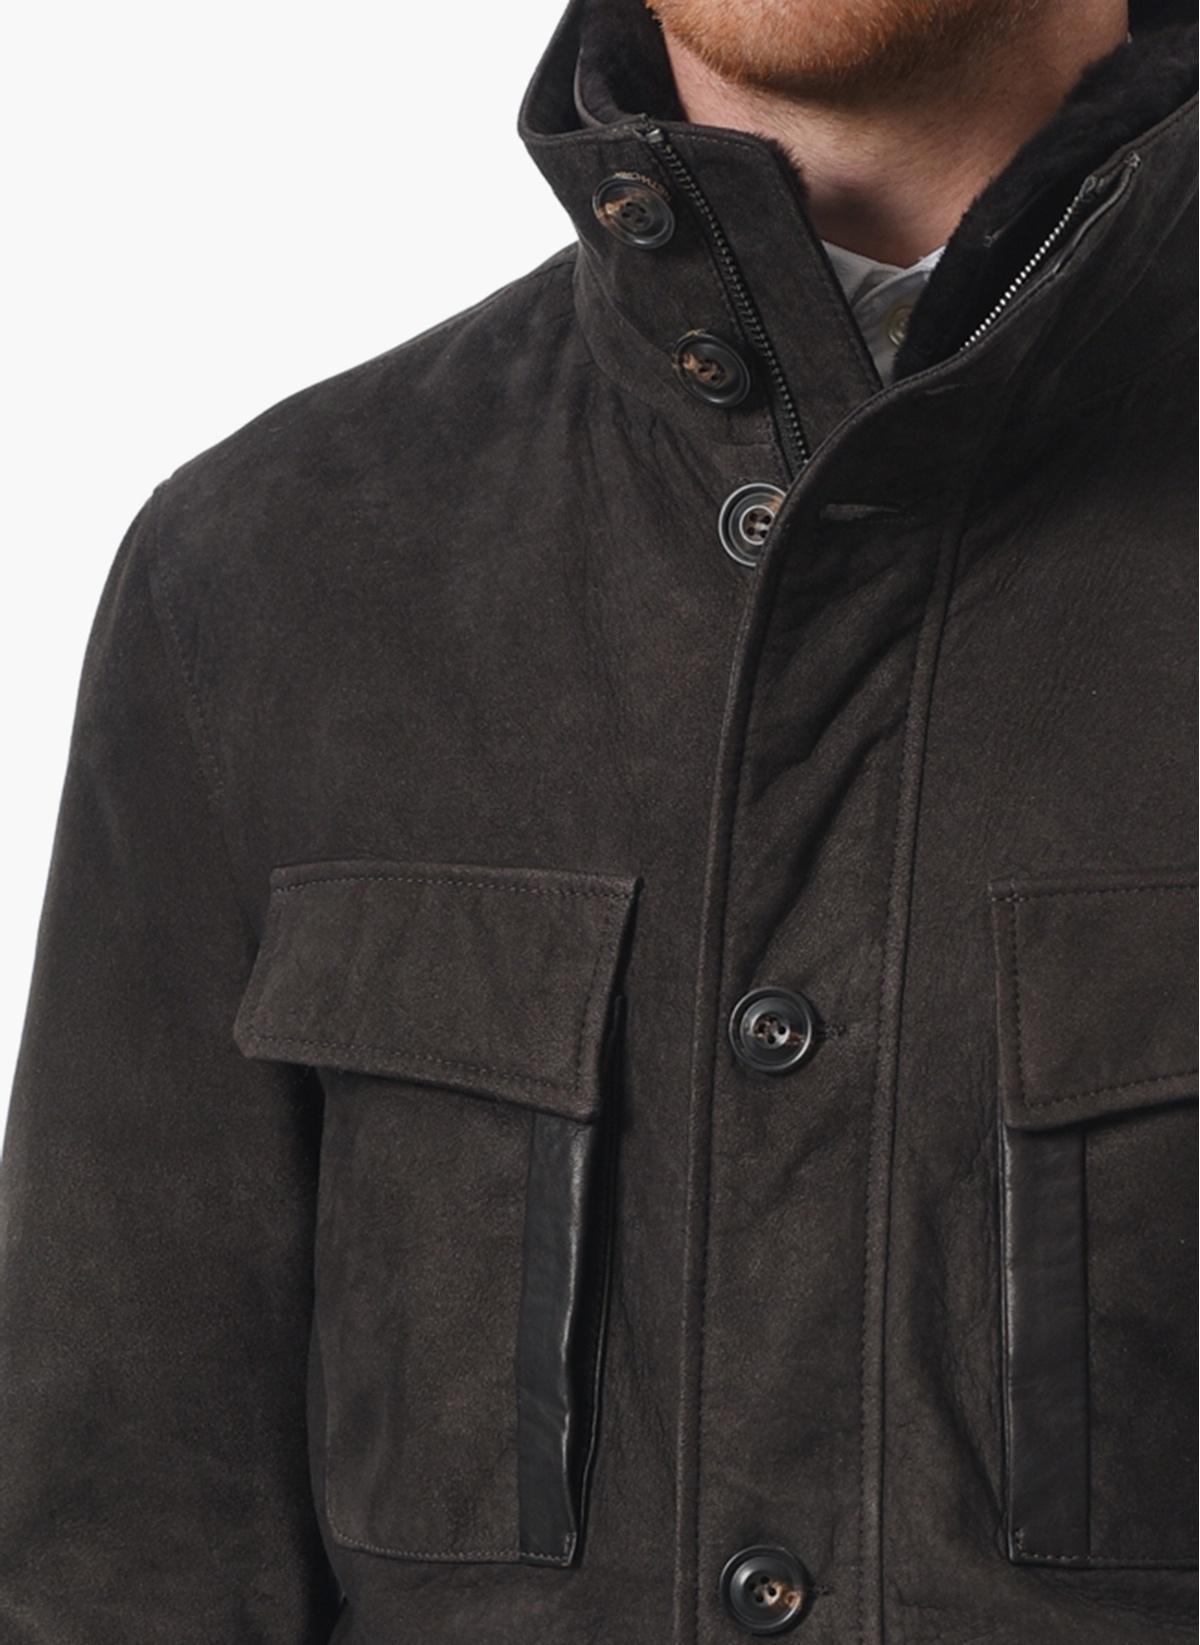 Evde bir deri ceketi nasıl pürüzsüzleştirilir